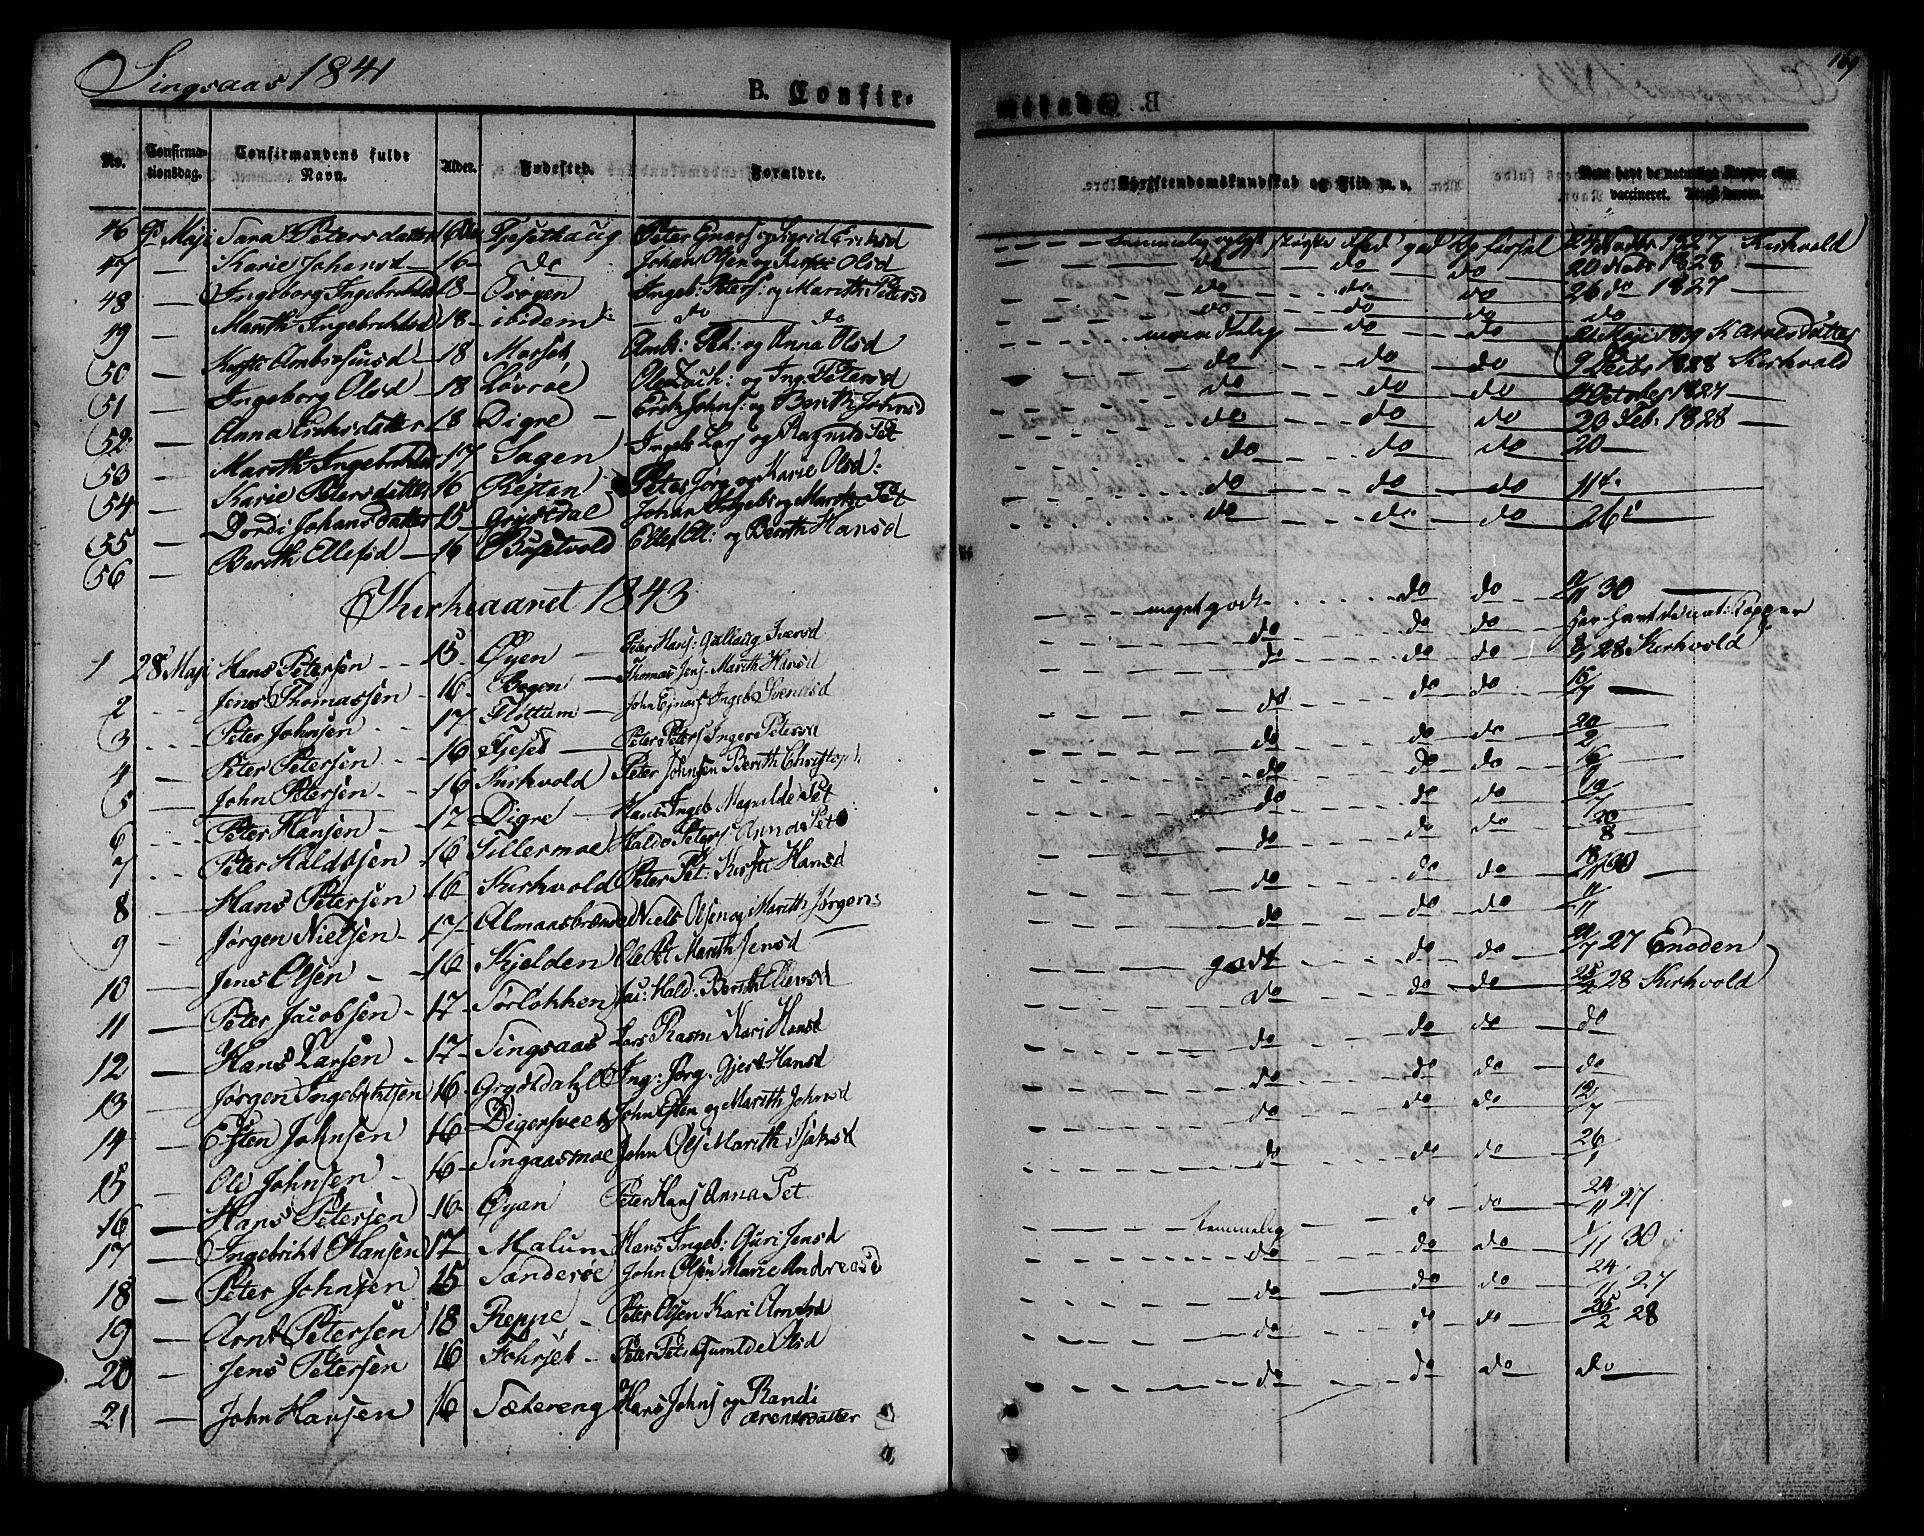 SAT, Ministerialprotokoller, klokkerbøker og fødselsregistre - Sør-Trøndelag, 685/L0958: Ministerialbok nr. 685A04 /2, 1829-1845, s. 169